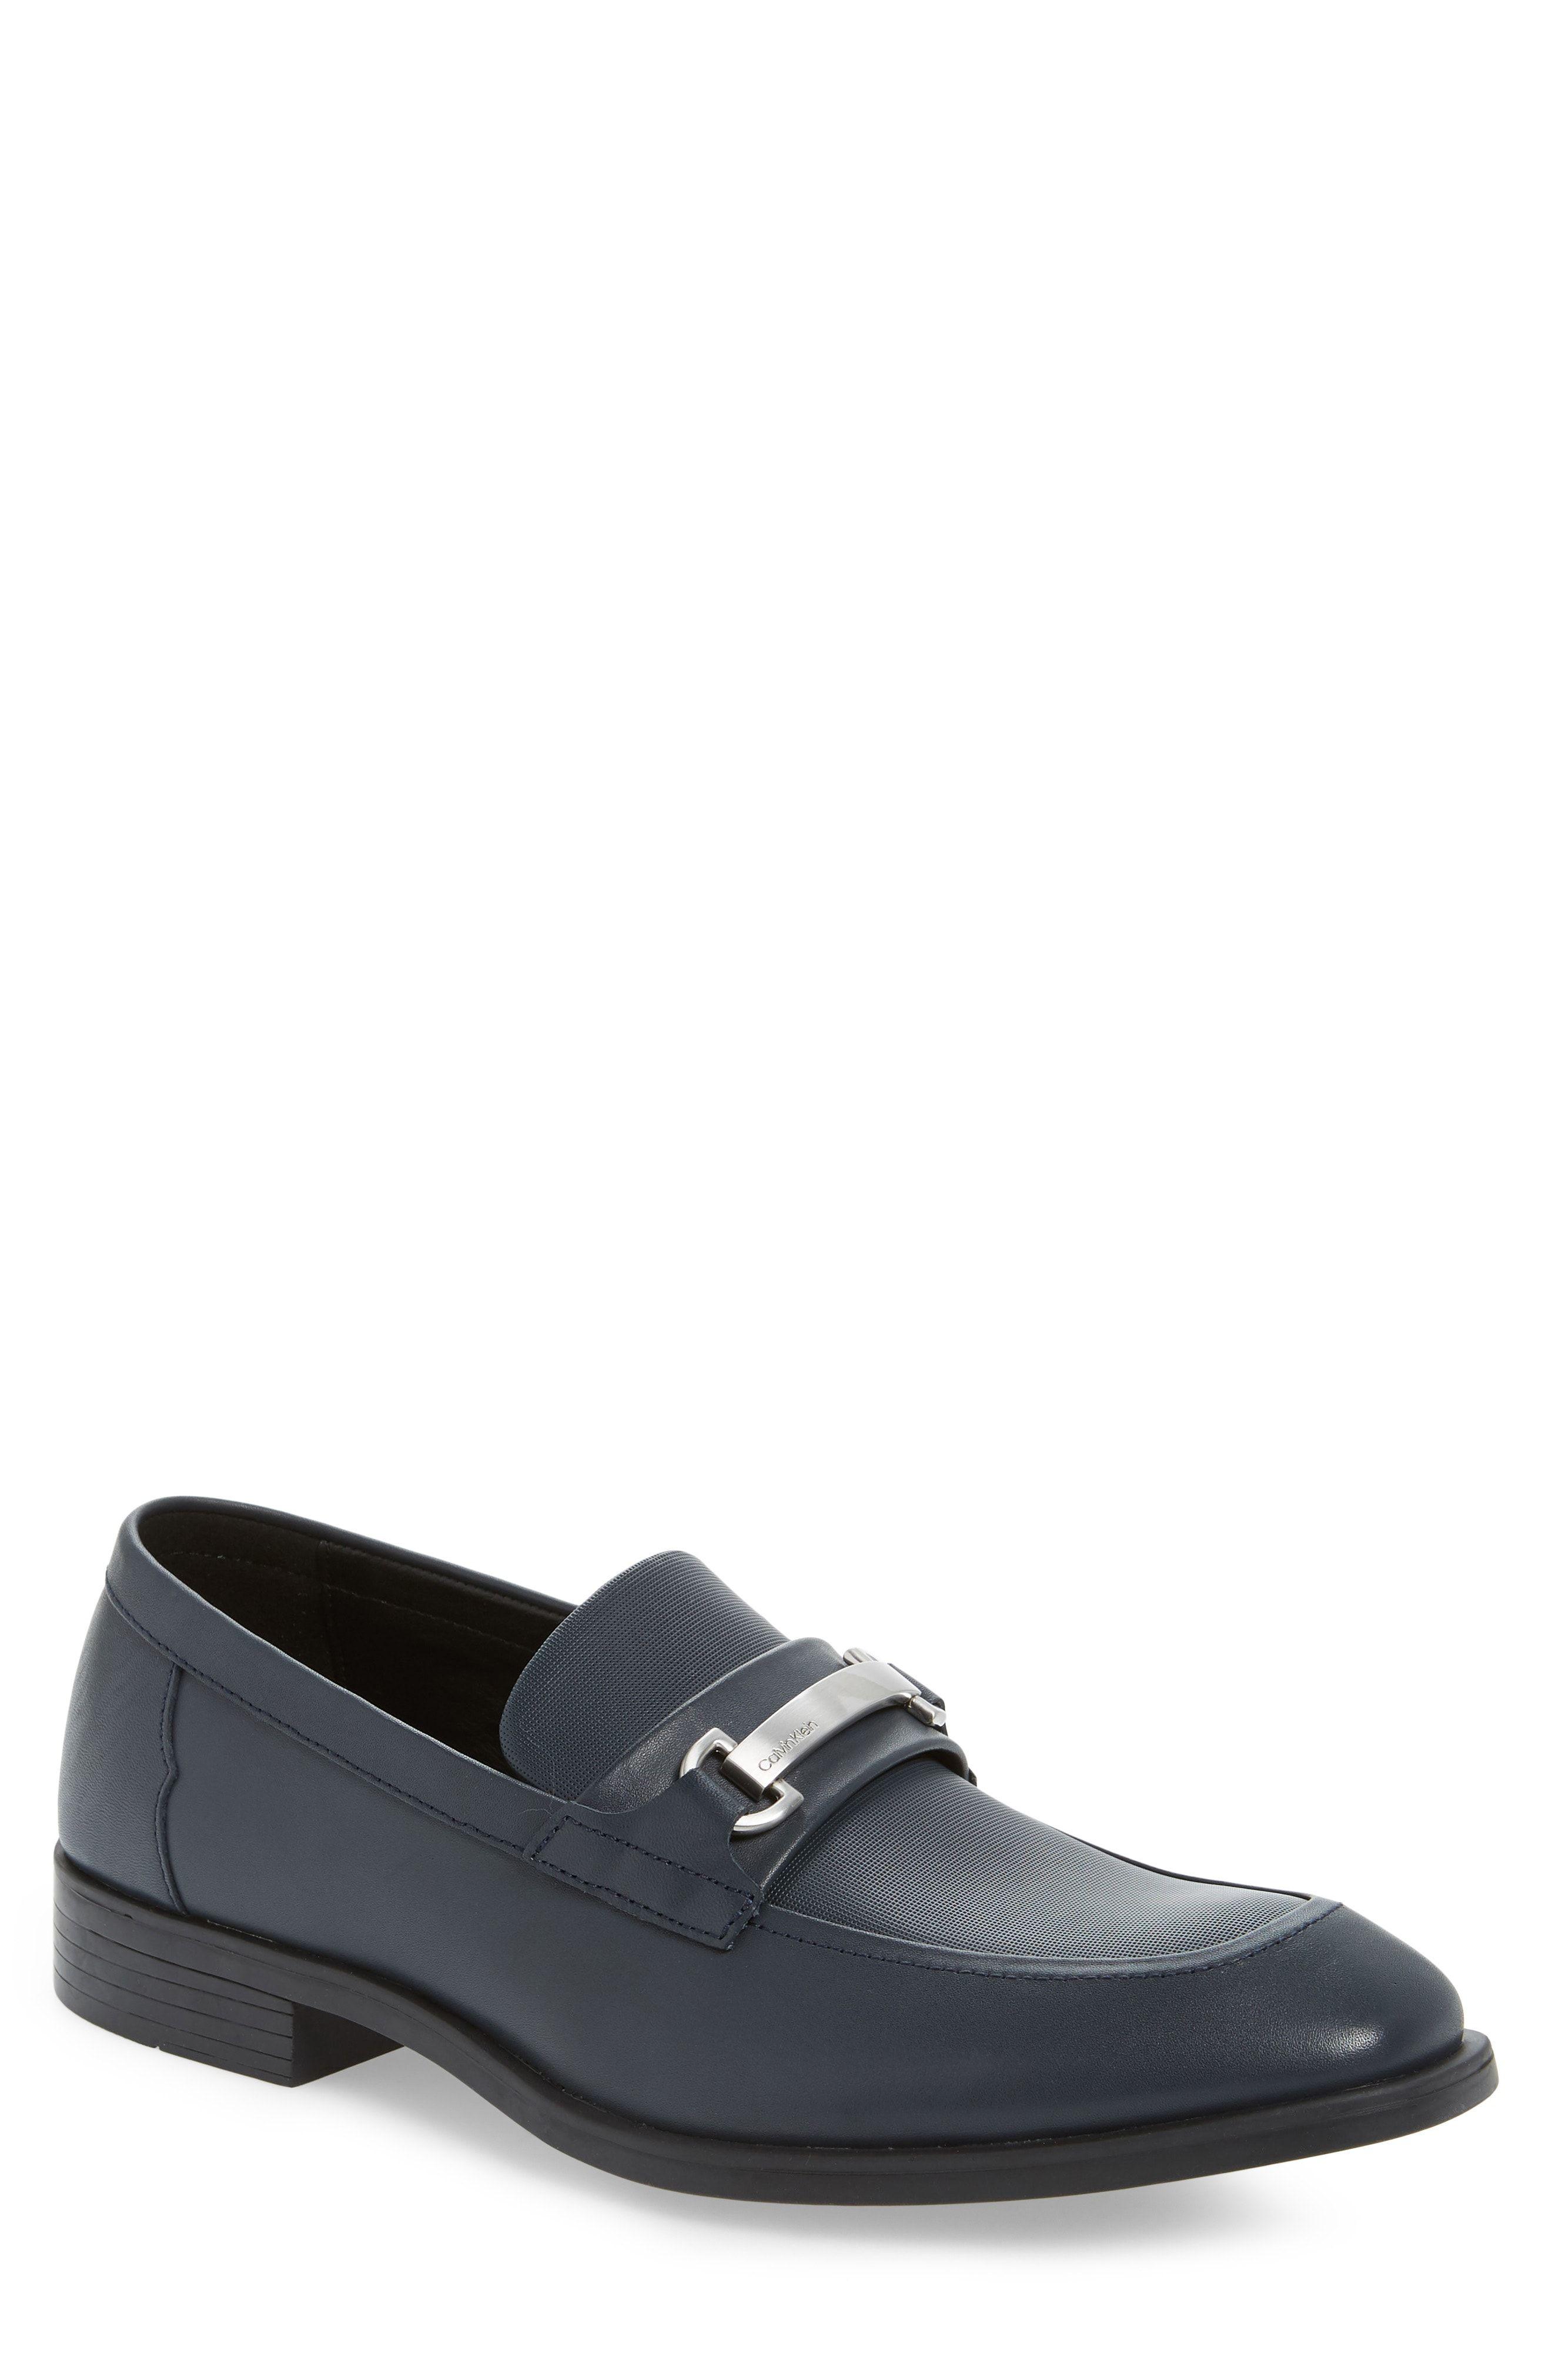 b2b950a5acd CALVIN KLEIN CRAIG BIT LOAFER.  calvinklein  shoes